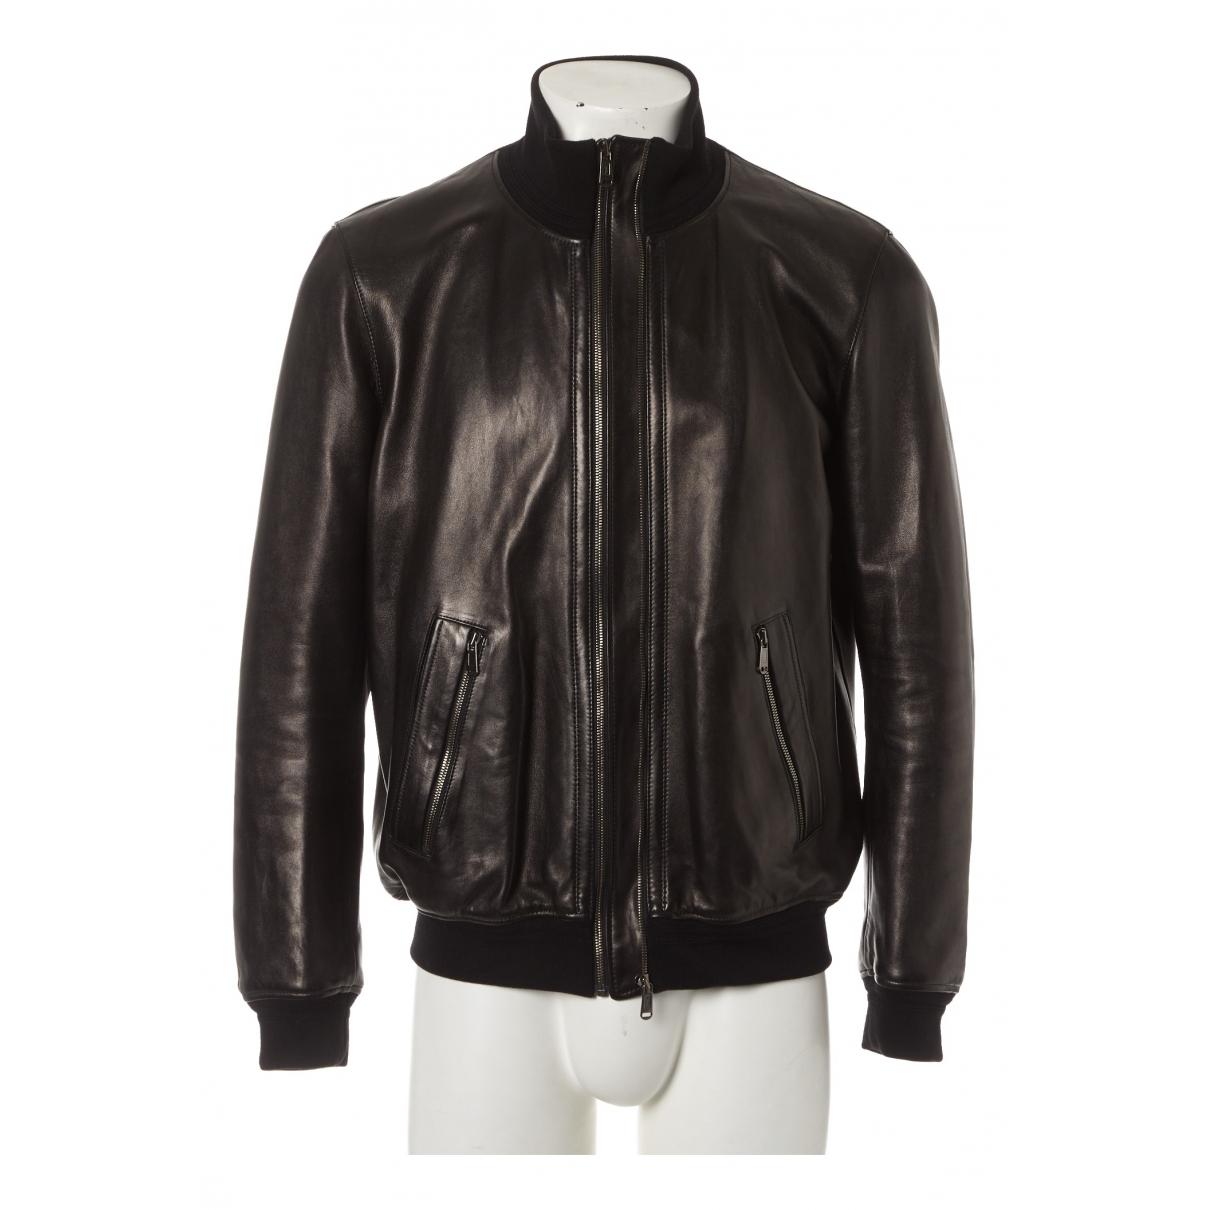 Yves Saint Laurent - Vestes.Blousons   pour homme en cuir - noir